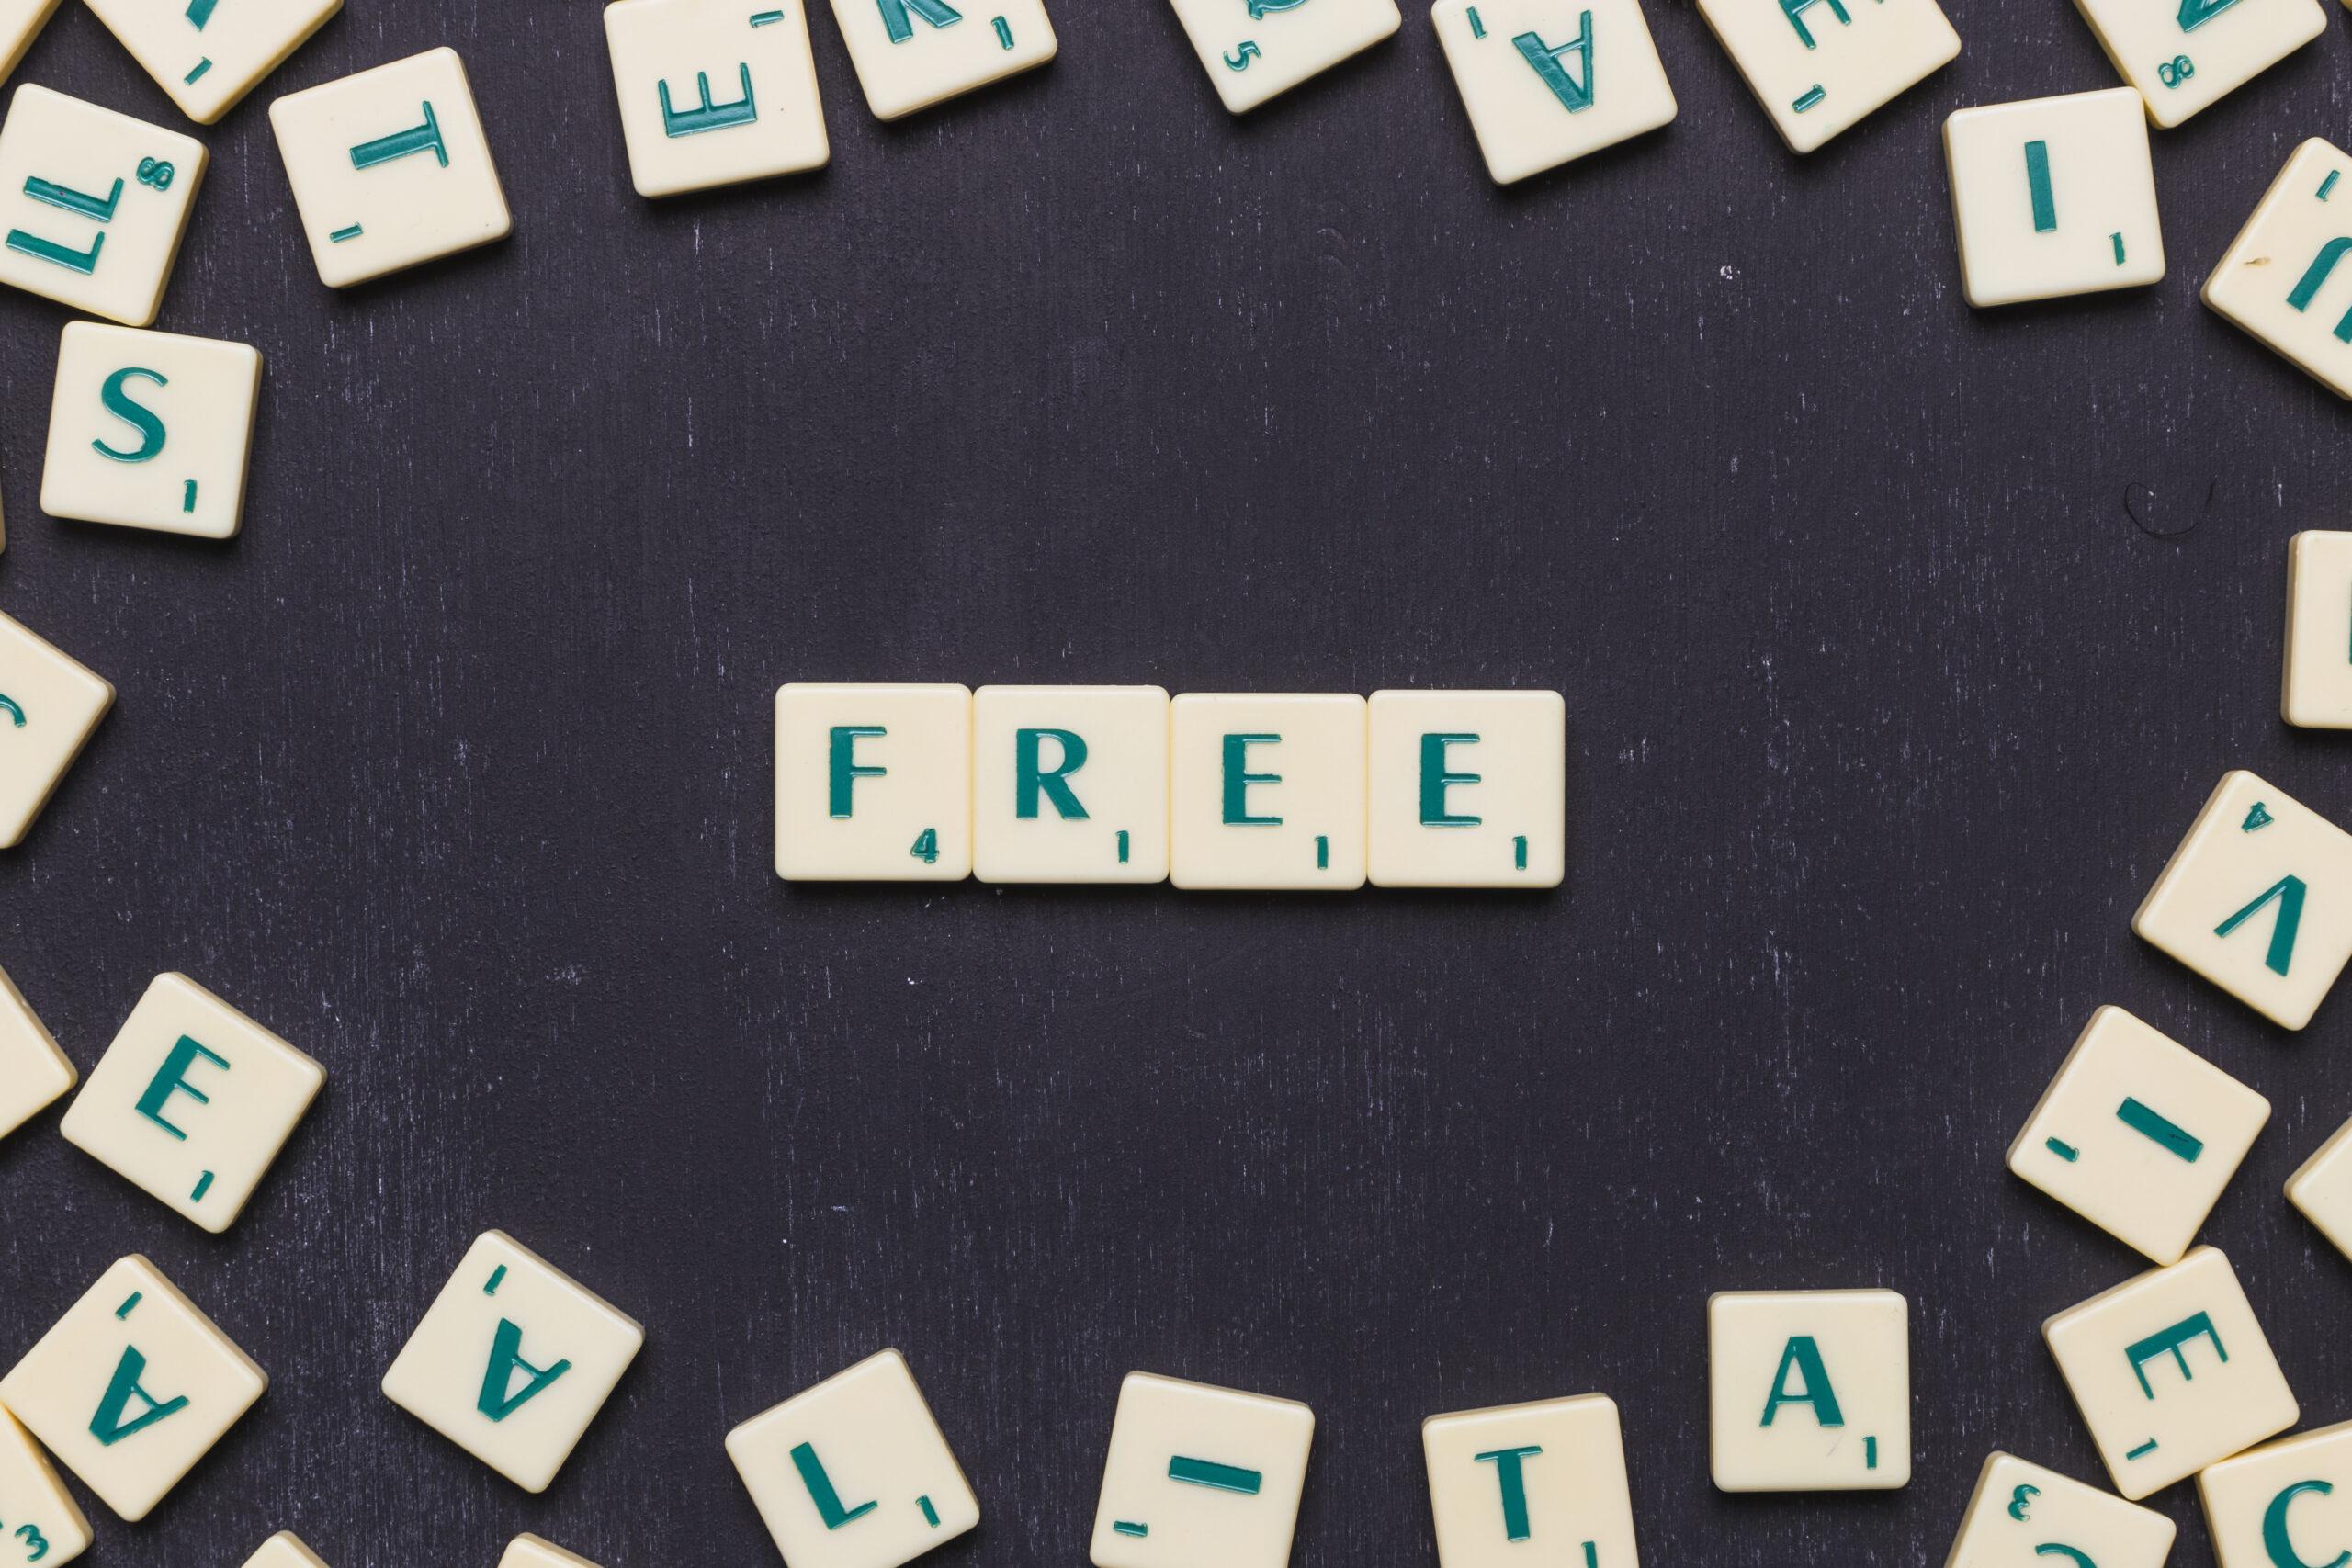 Las ventajas de los eventos gratuitos